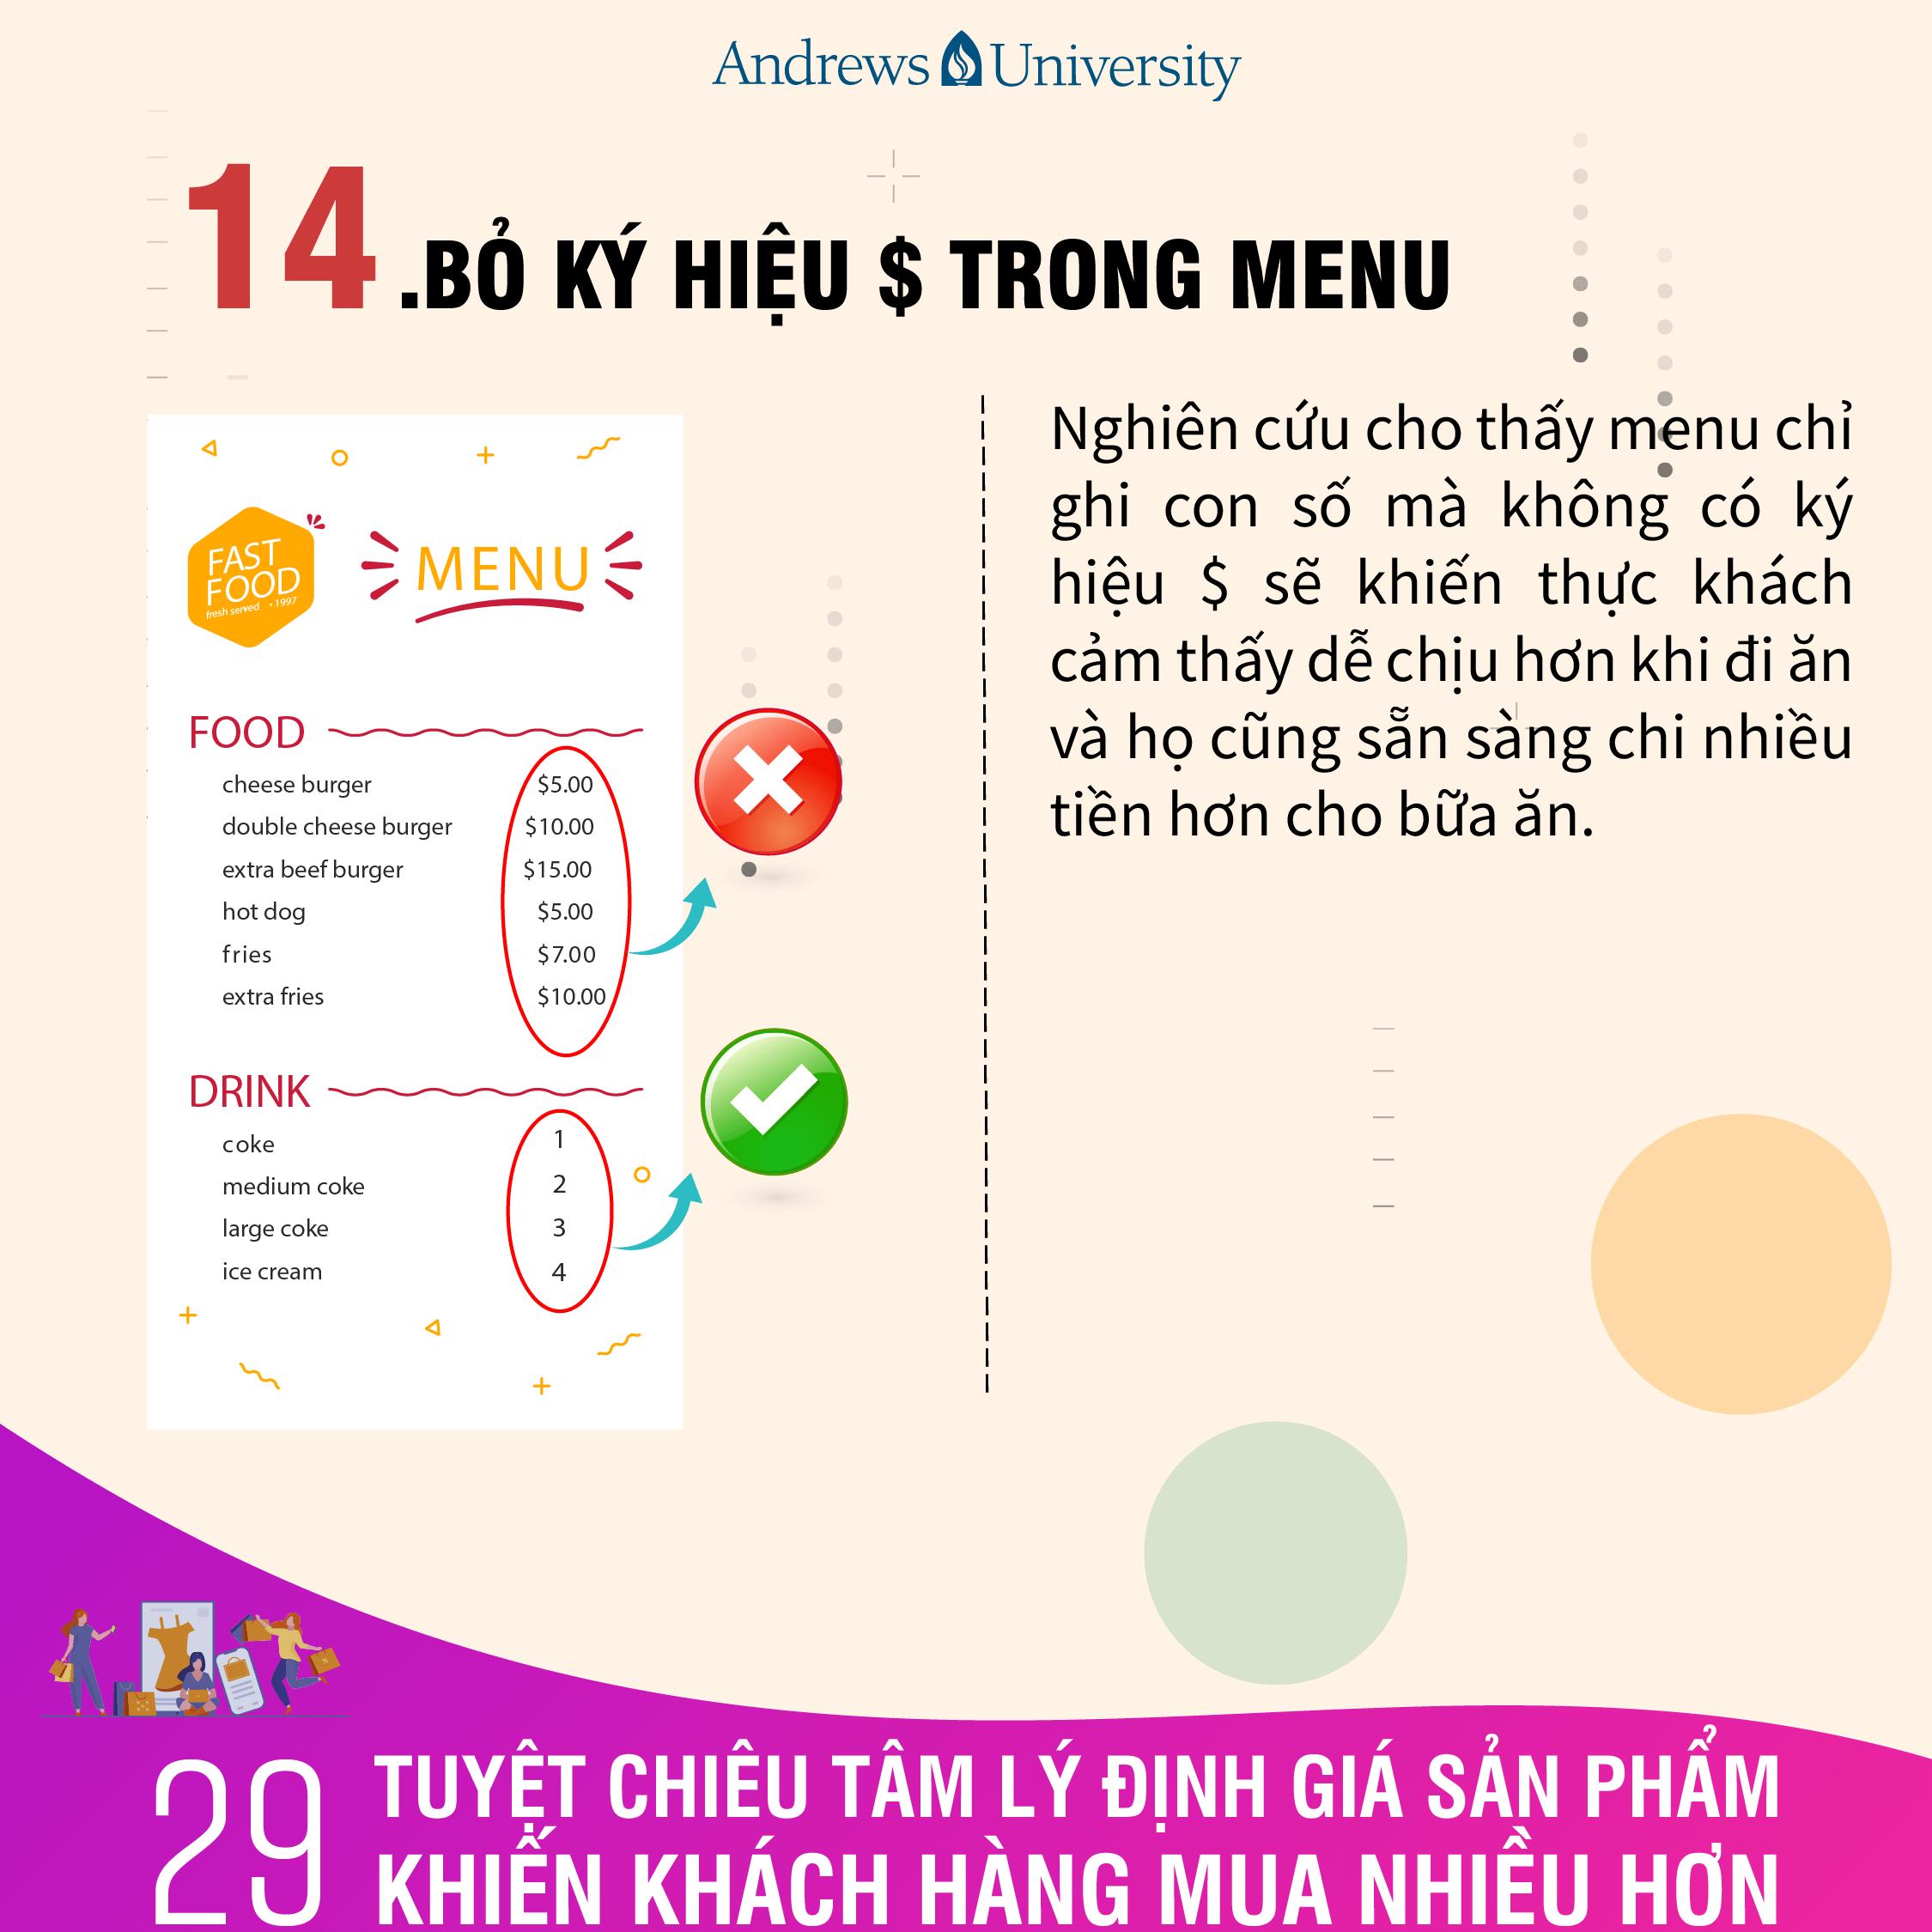 Bỏ kí hiệu $ trong menu